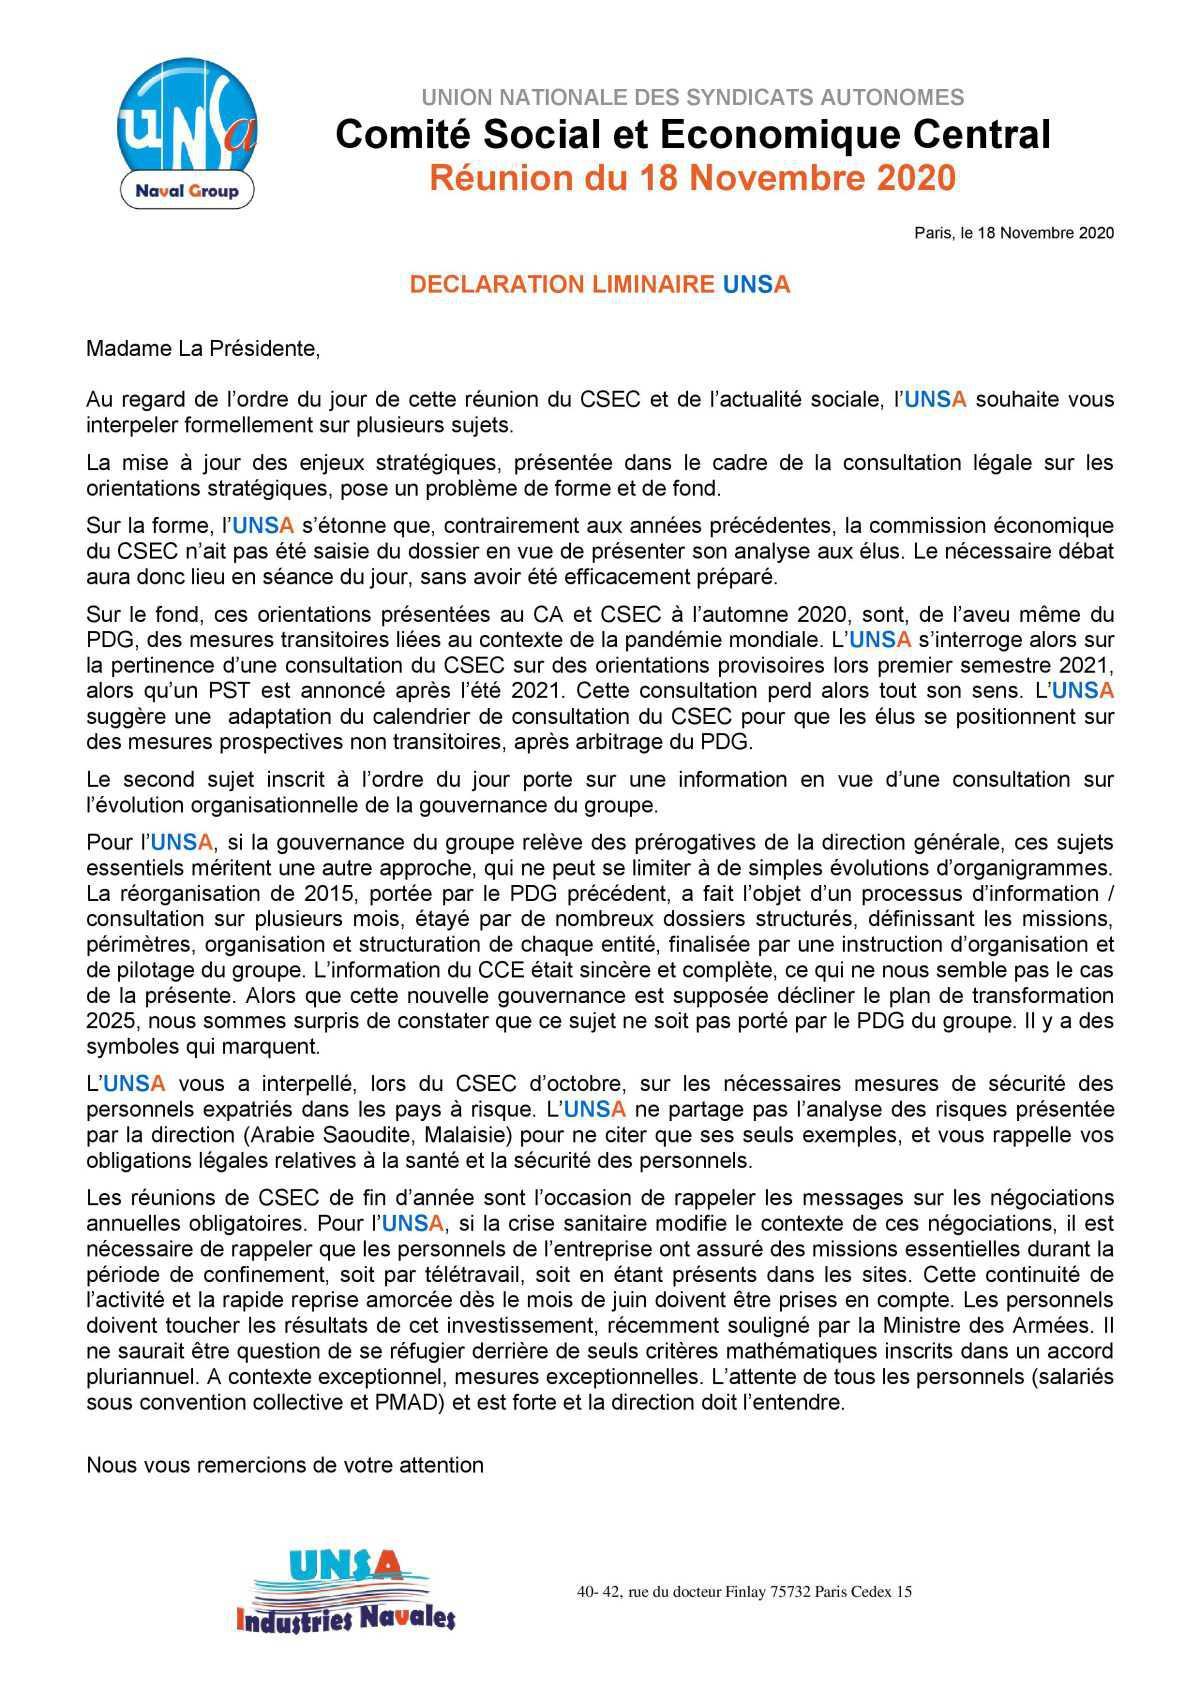 Réunion du 18 novembre 2020 - déclaration liminaire